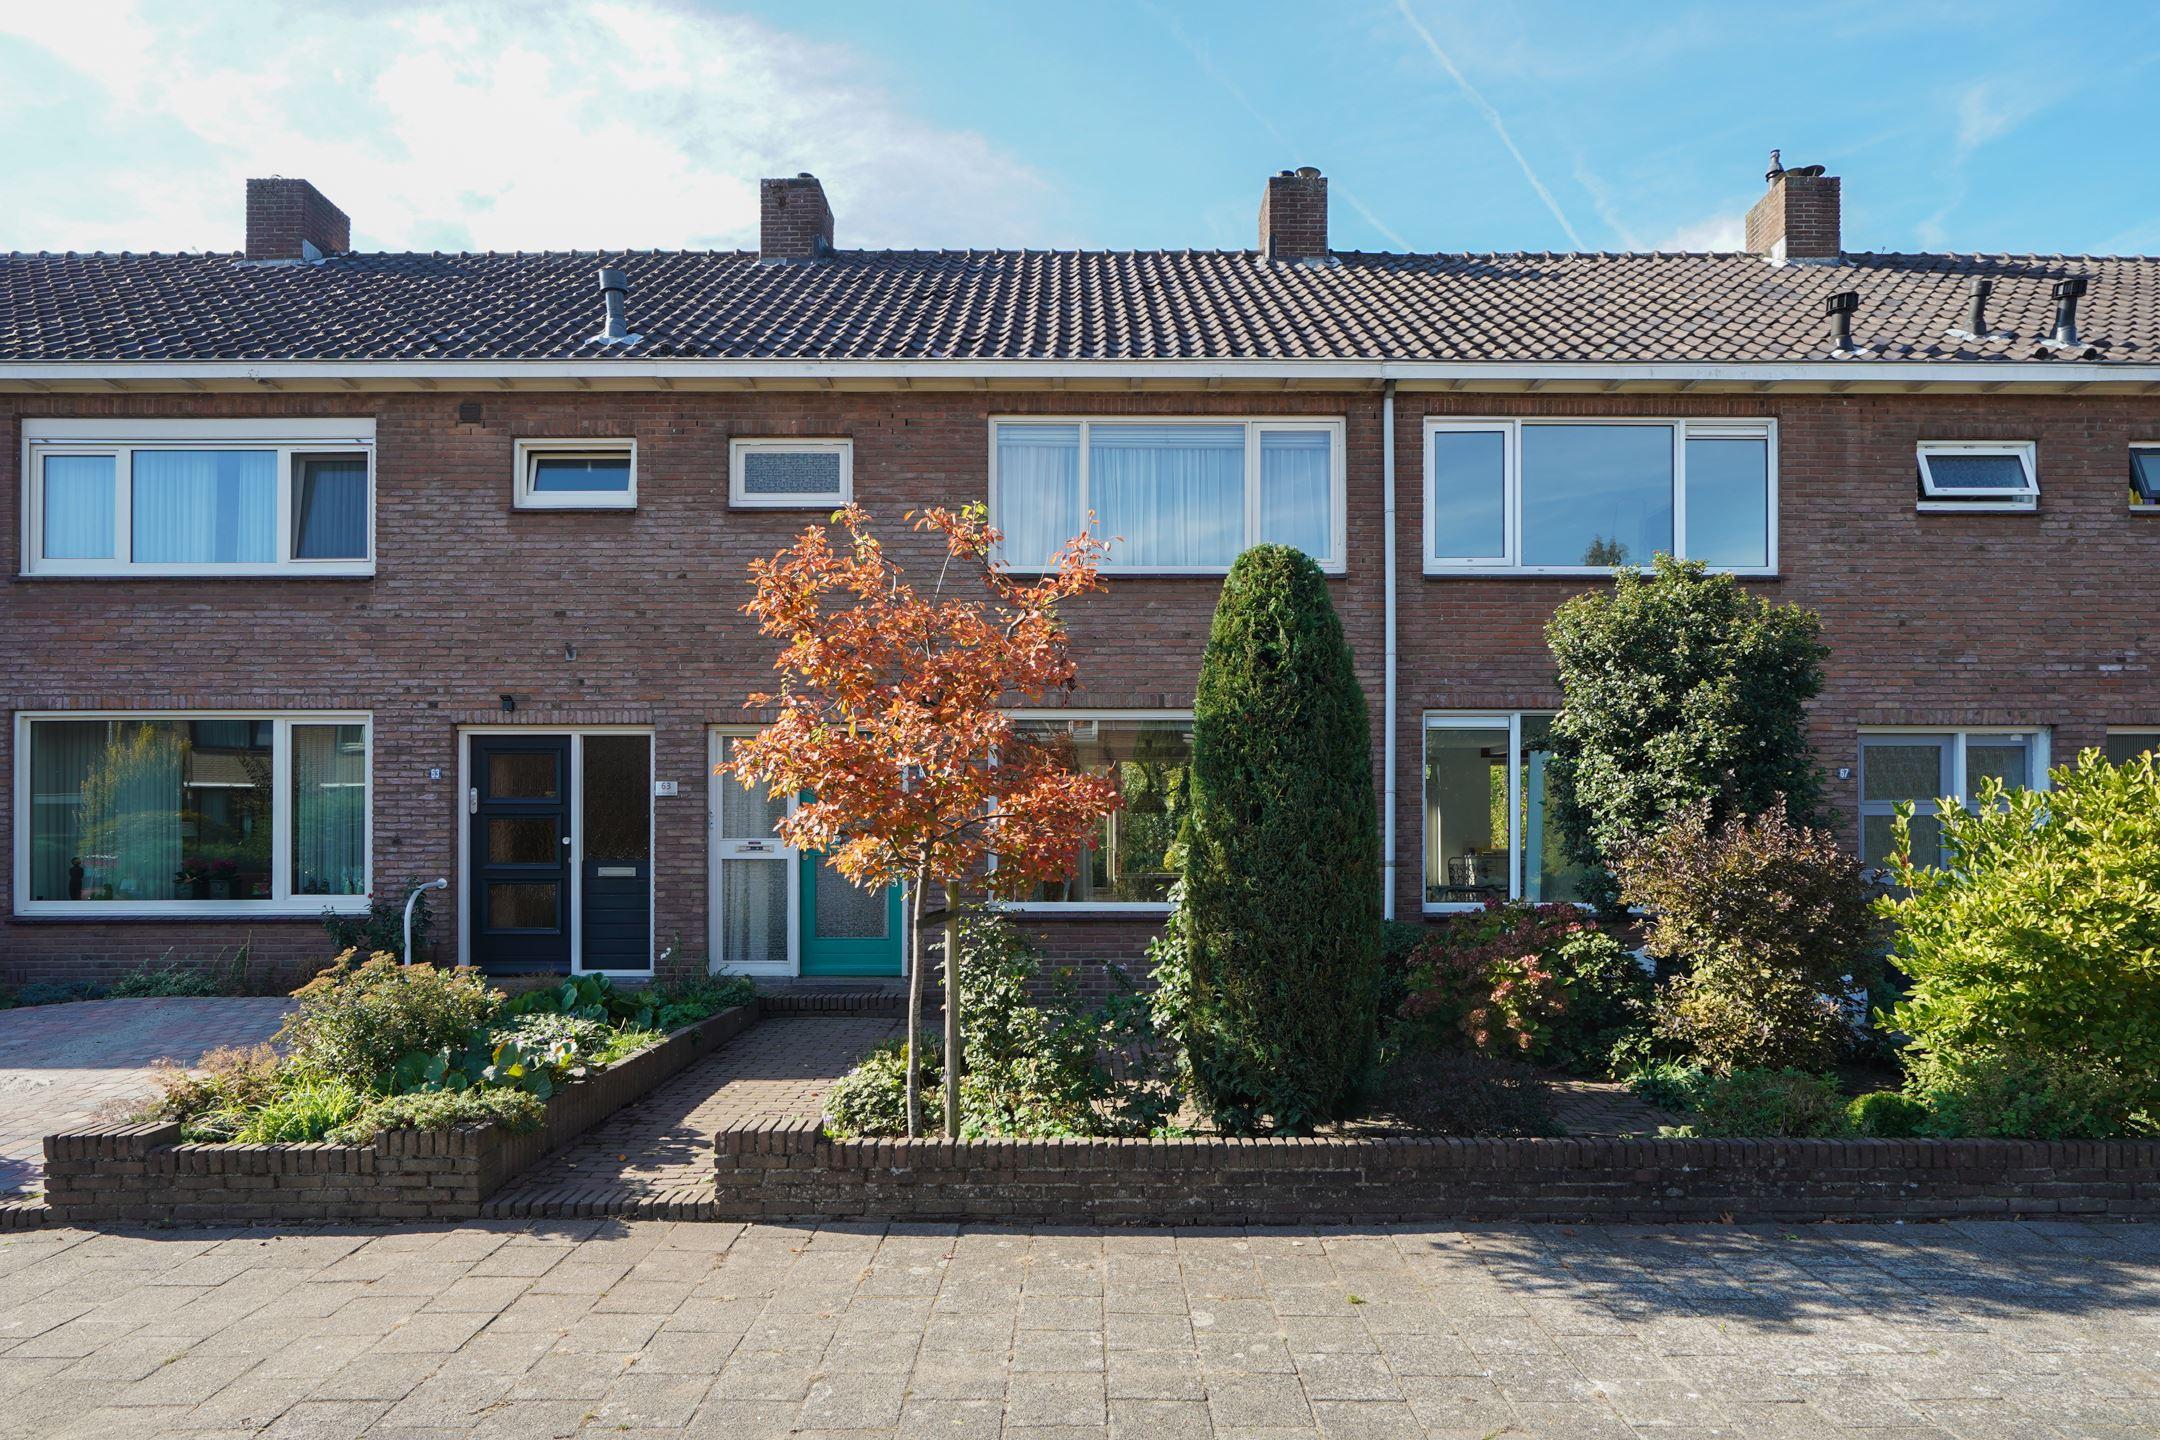 Huis te koop zonstraat 65 6543 vn nijmegen funda for Woning te koop nijmegen